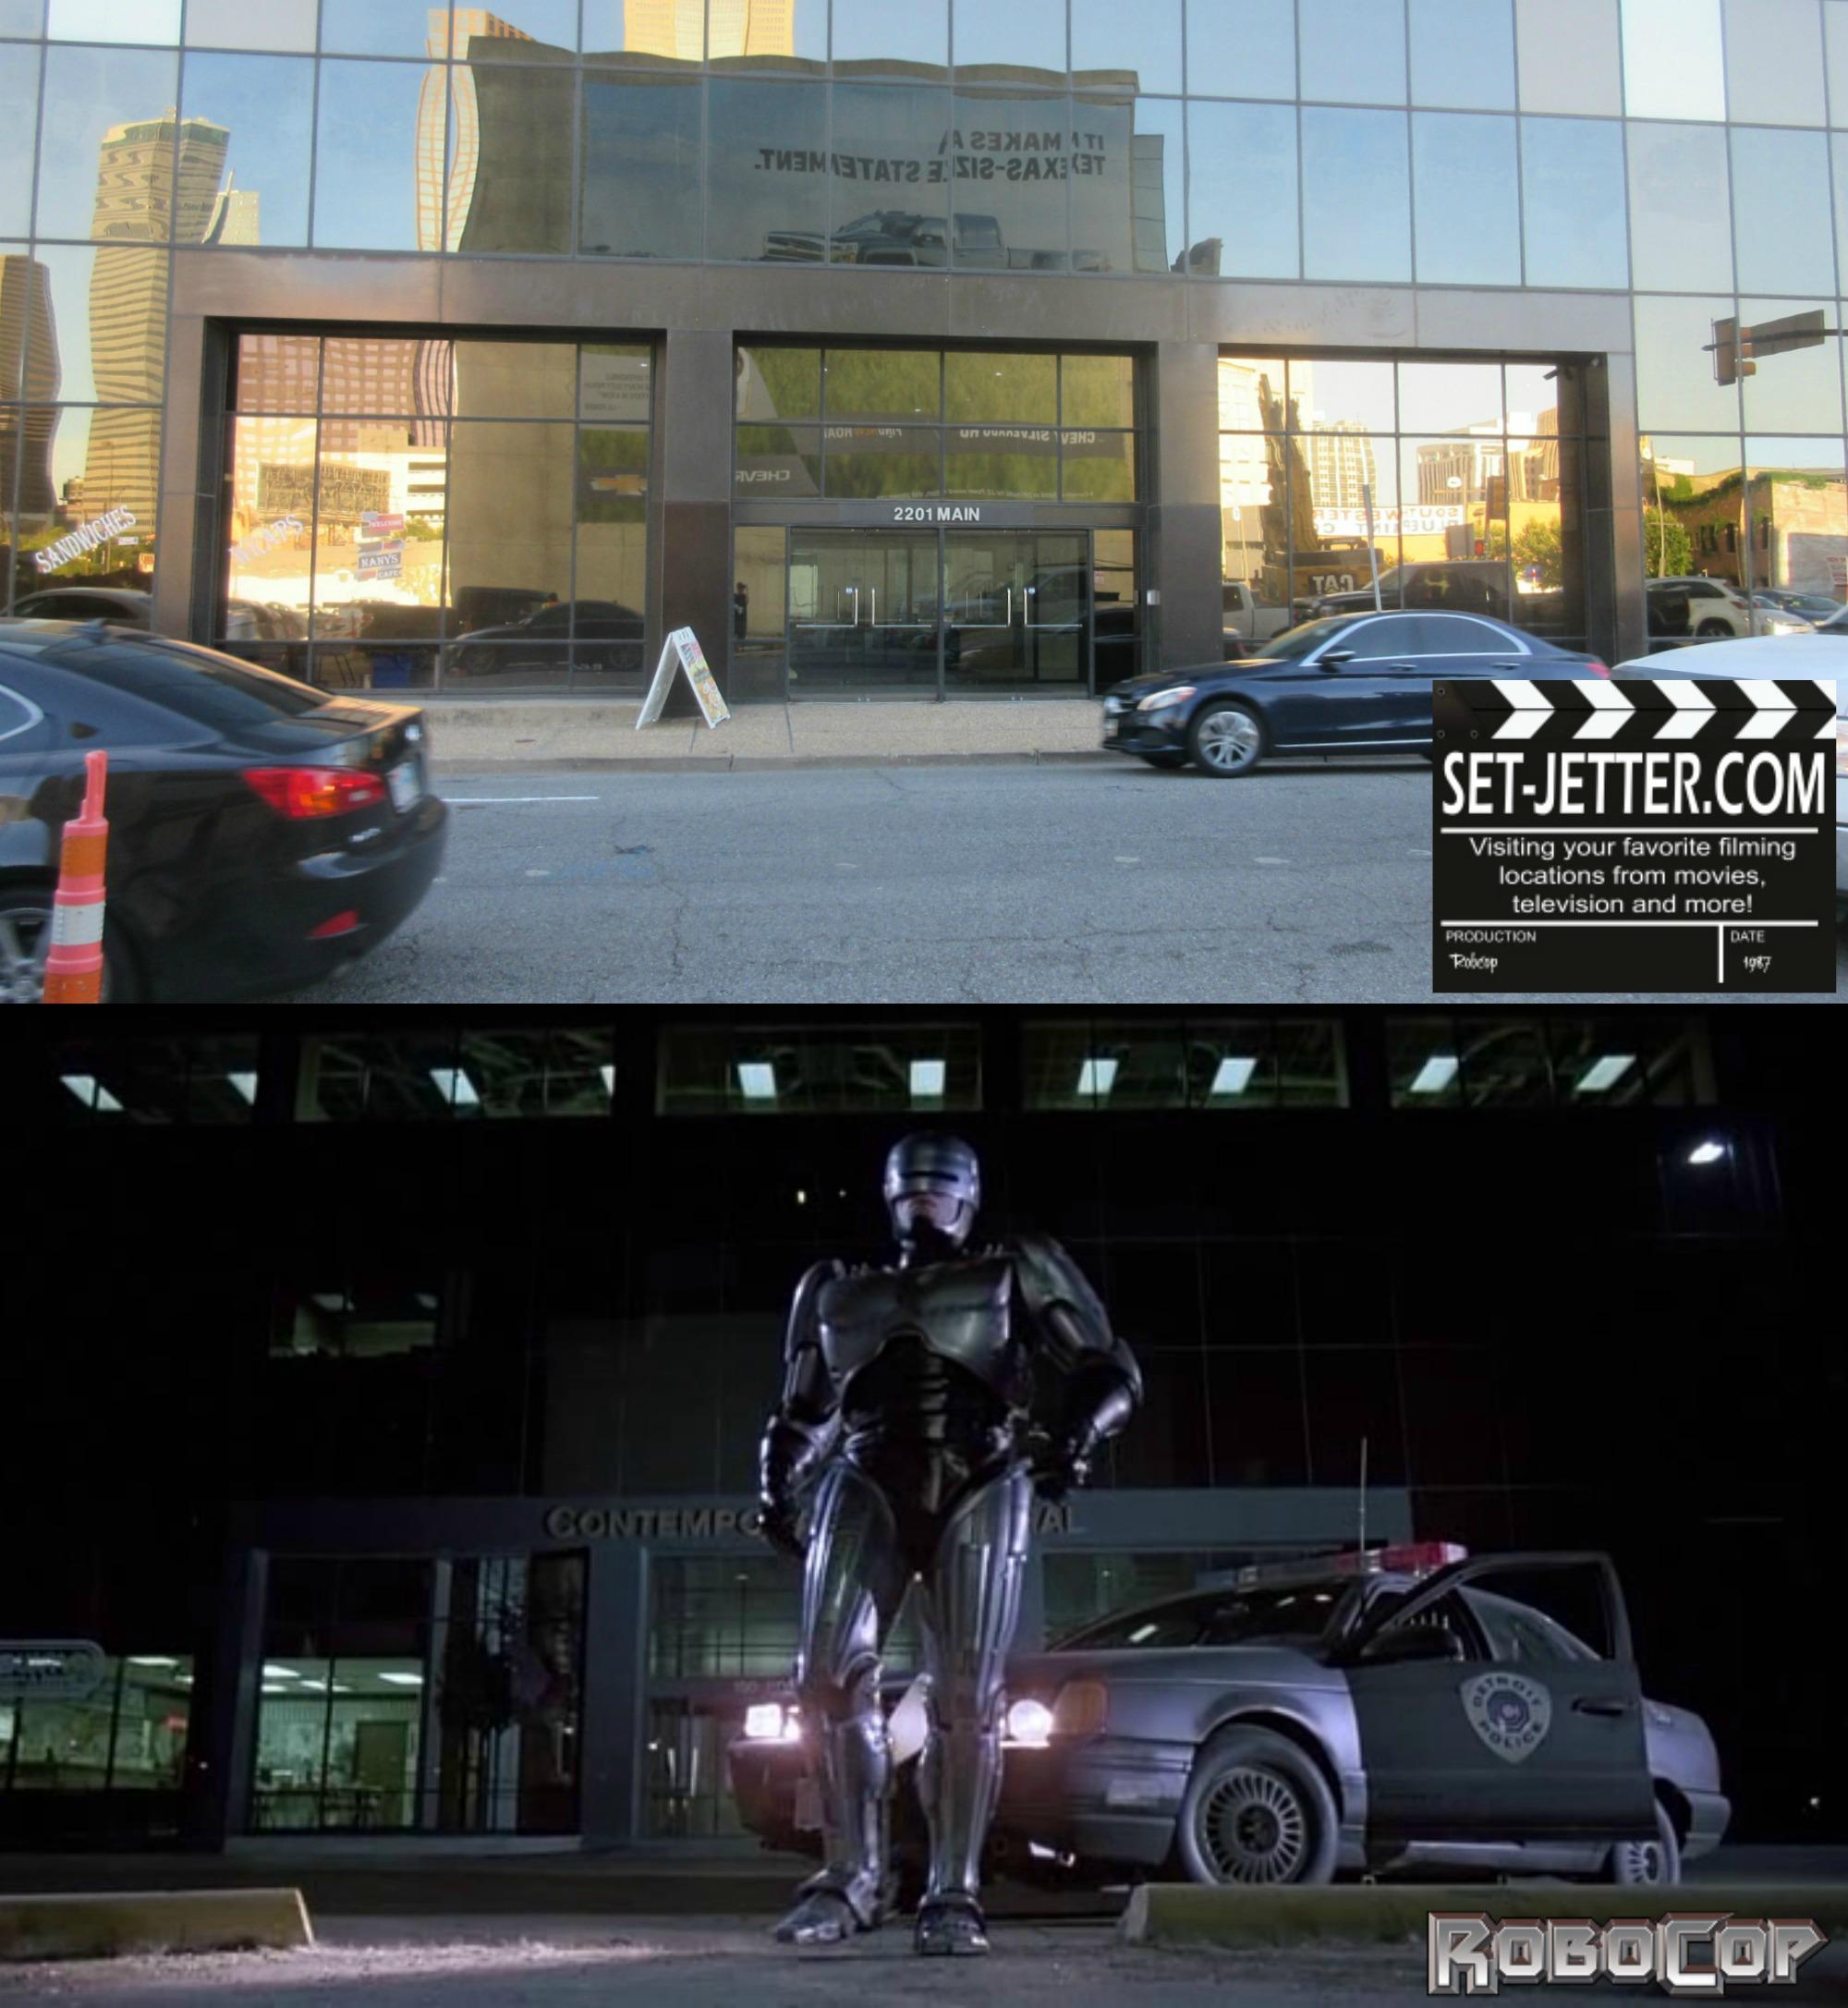 Robocop comparison 61.jpg